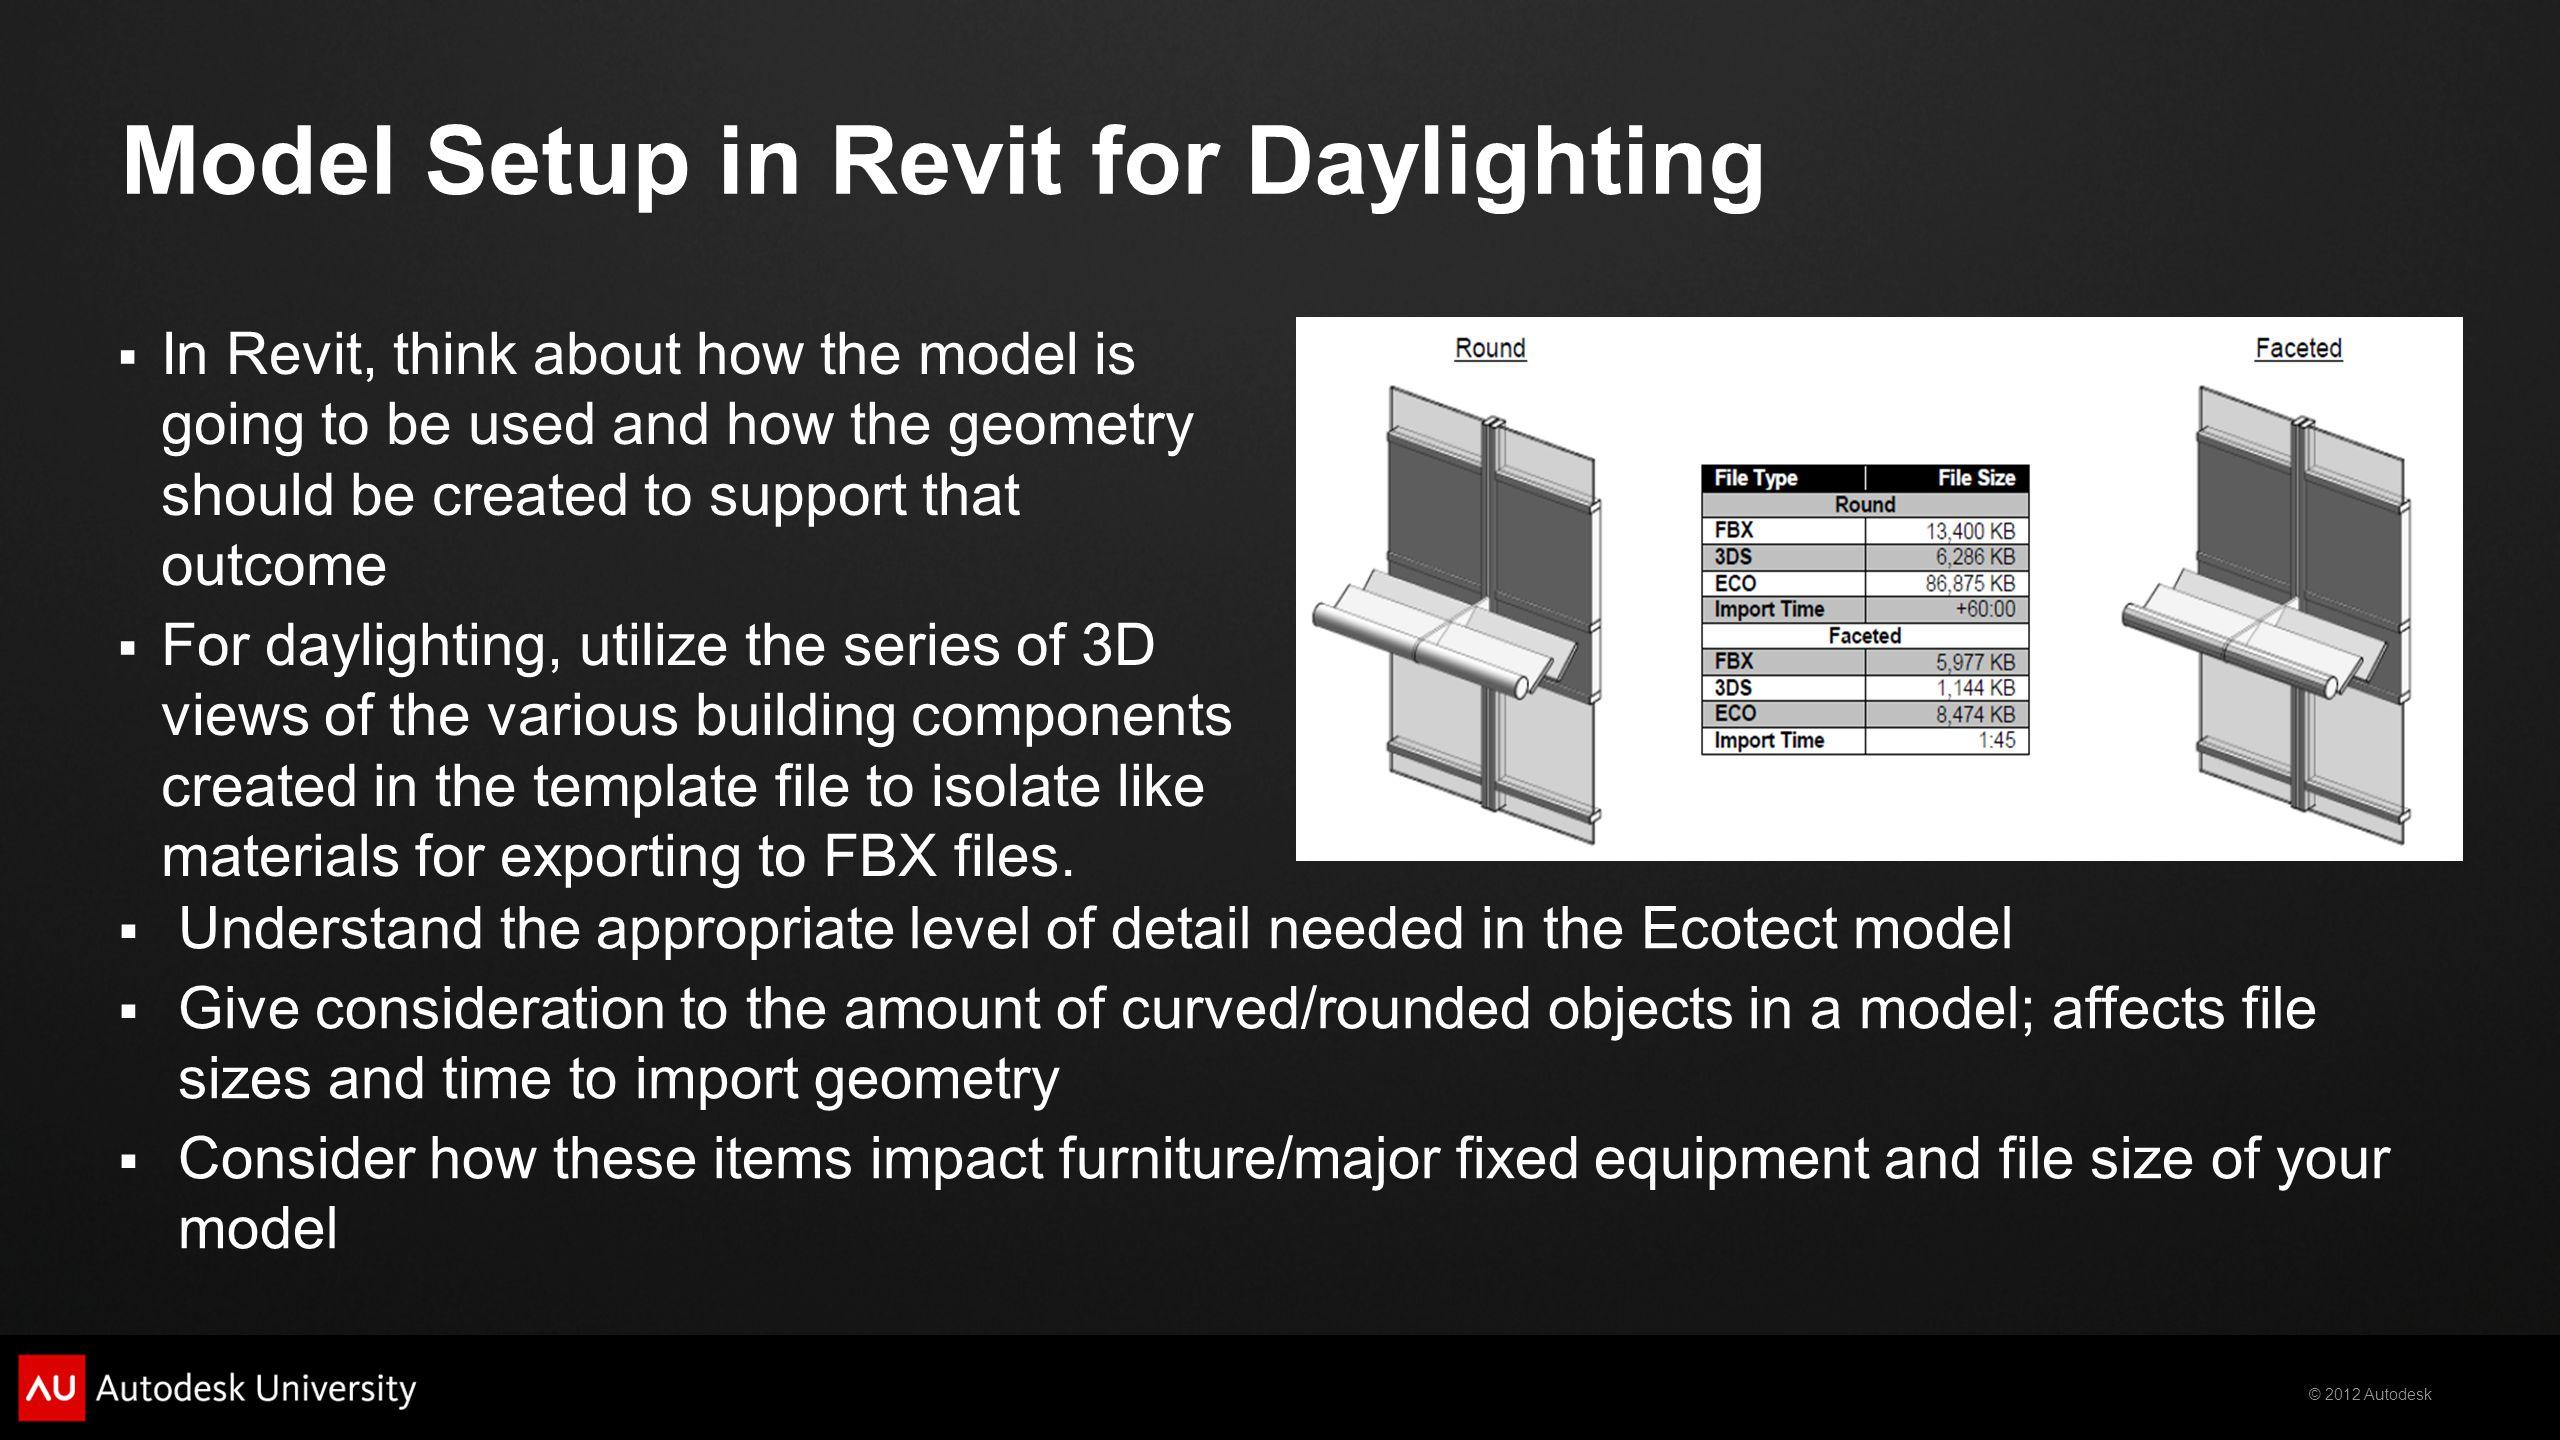 Model Setup in Revit for Daylighting